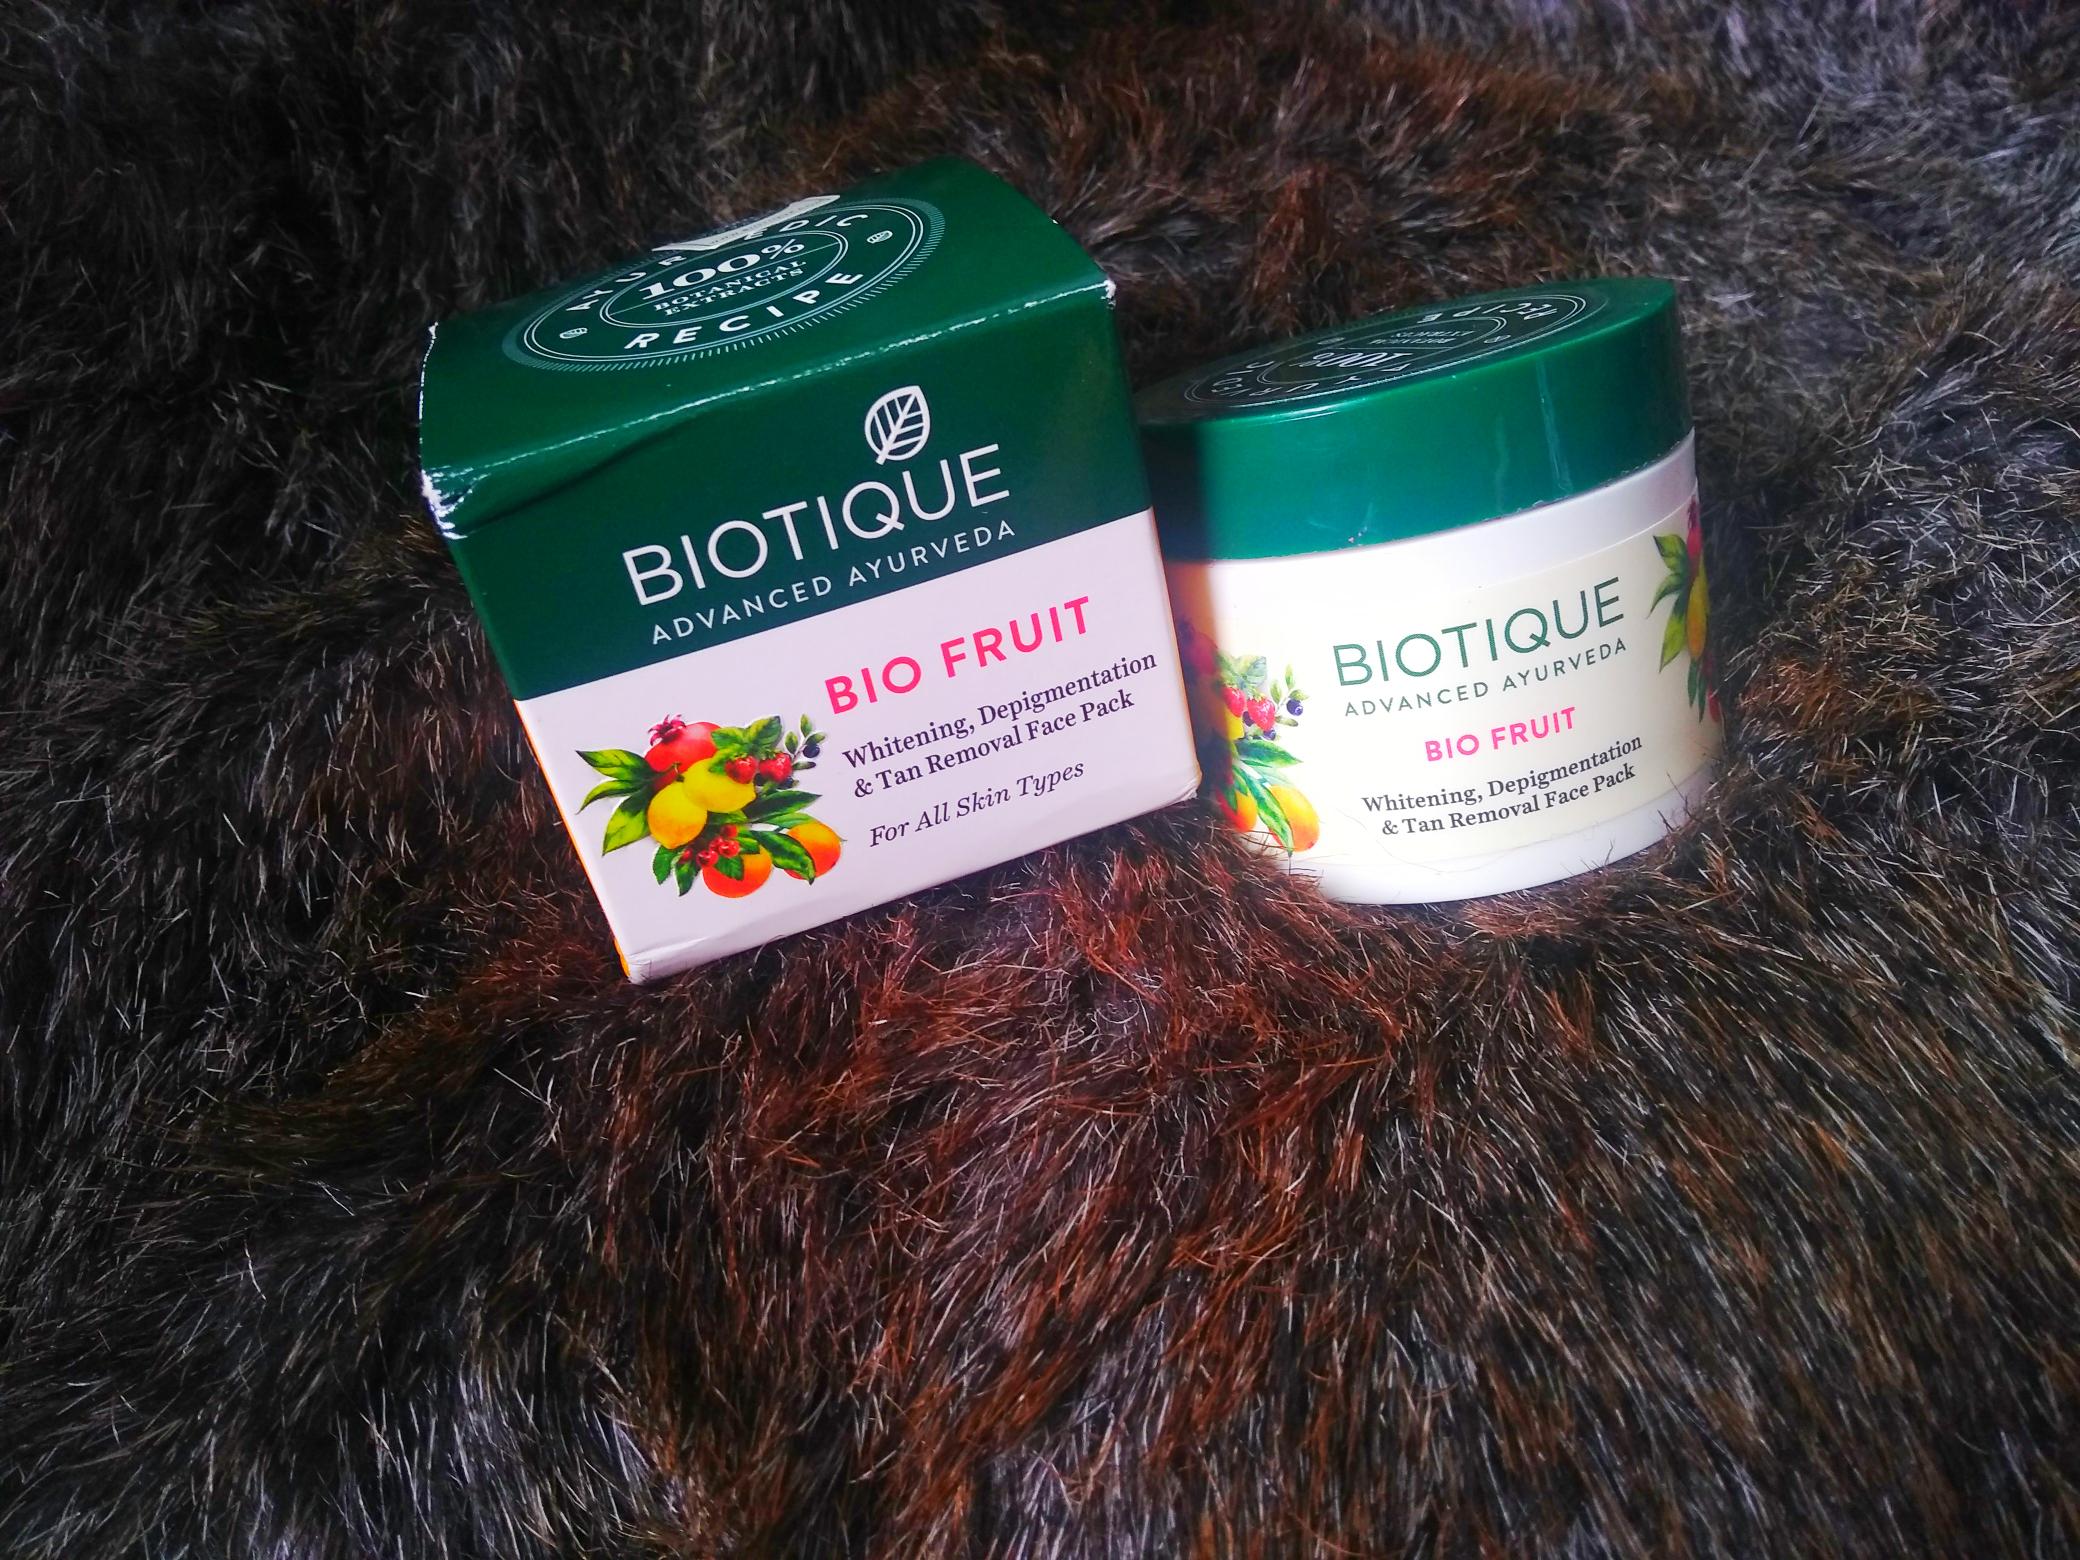 The Bay Bomb-Biotique bio fruit- review